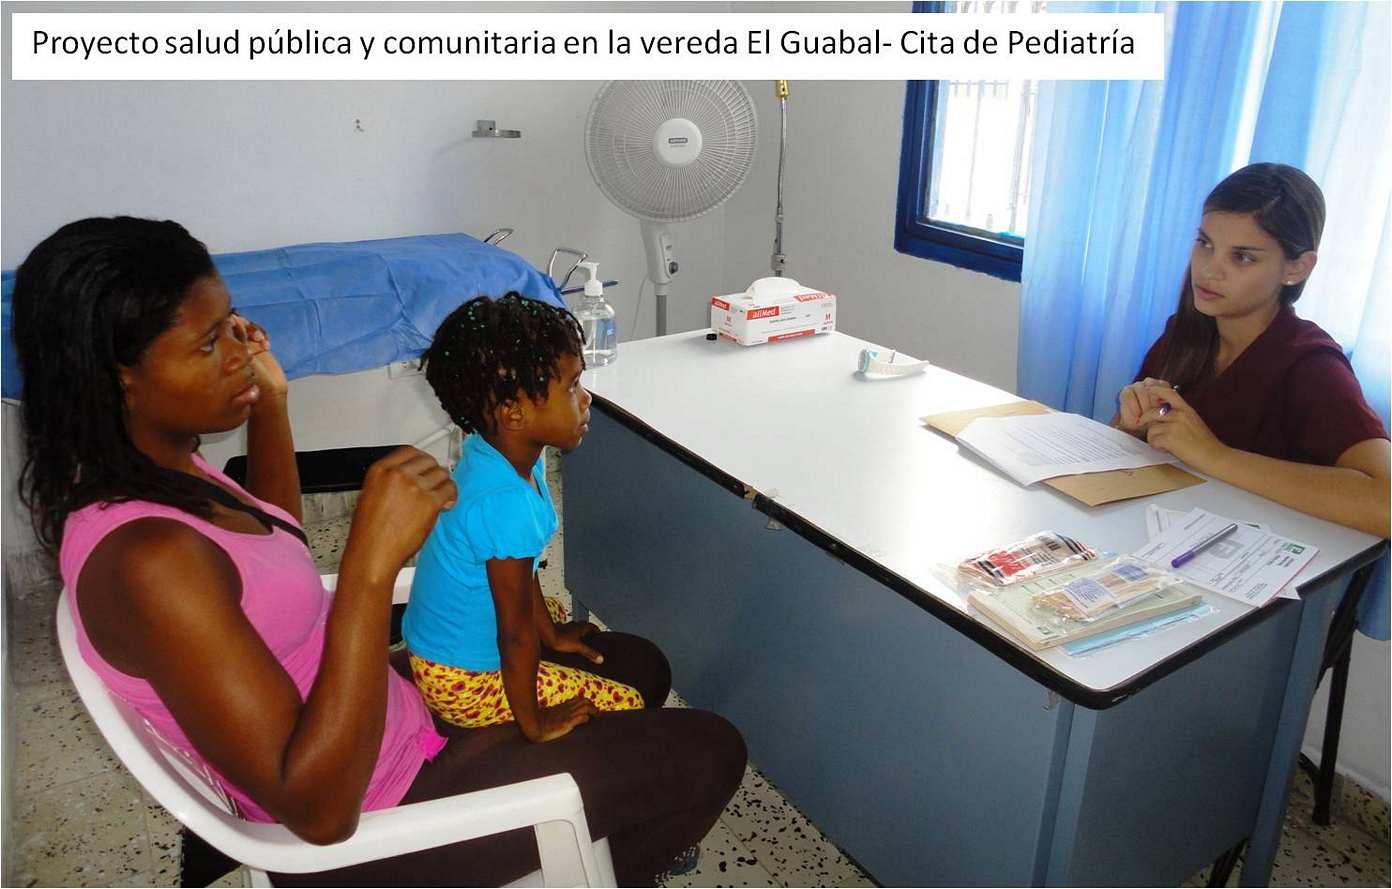 Proyecto salud pública y comunitaria en la vereda El Guabal - Cita de Pediatría